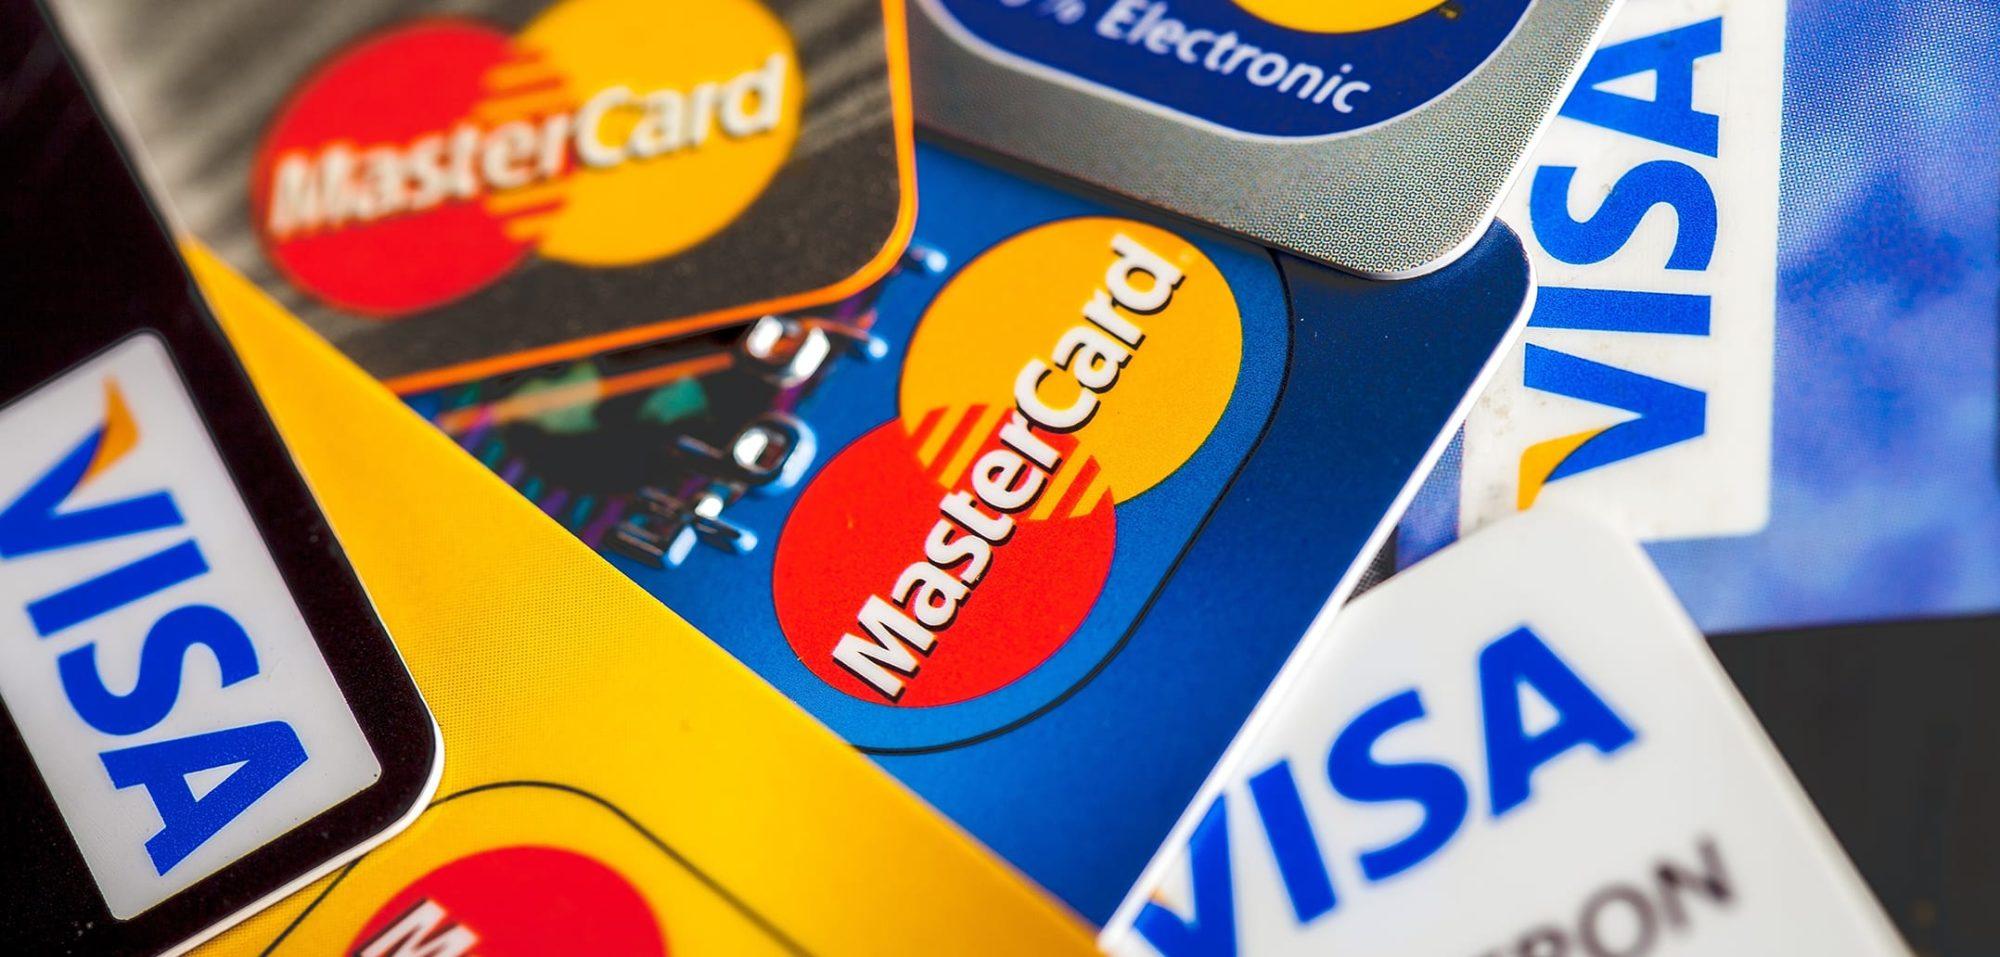 НБУ спростив реєстрацію платіжних систем -  - 270739610 2000x957